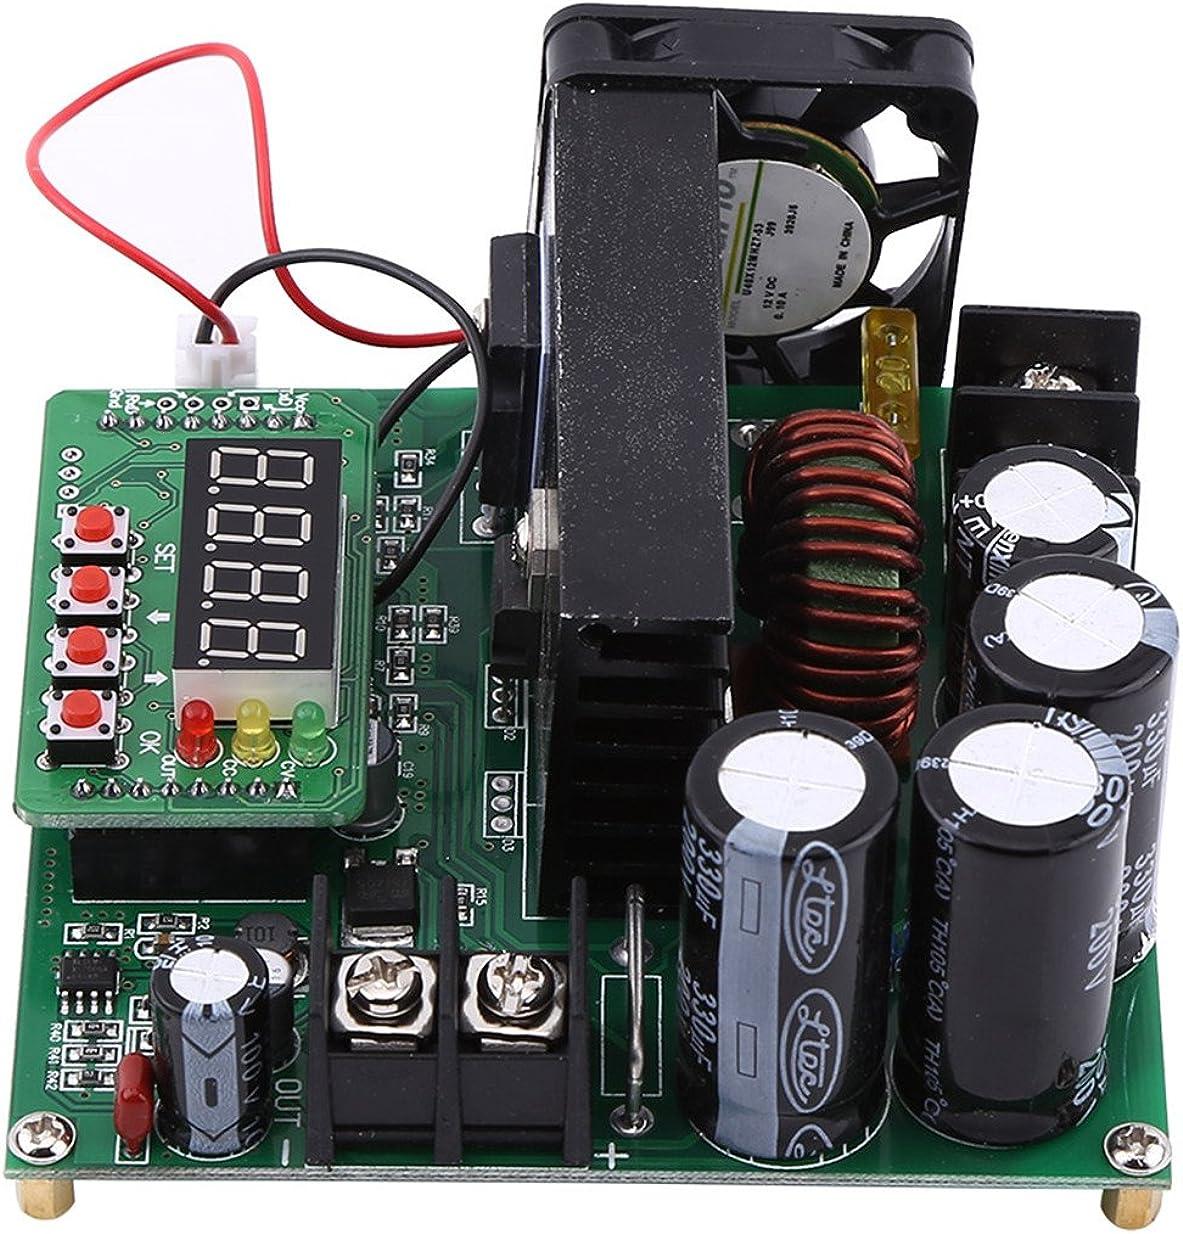 900W DC Haute Pr/écision Boost Convertisseur Step Up Convertisseur de Tension DIY Tension Step Up Module R/égulateur Convertisseur Boost